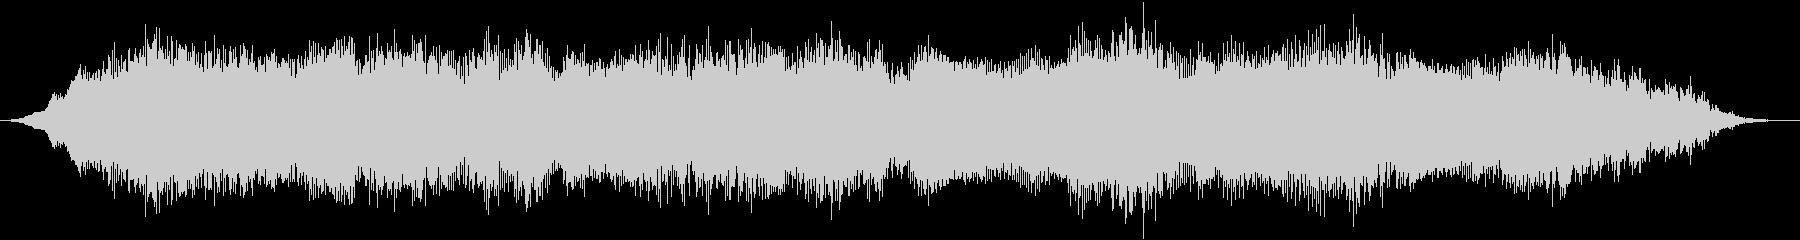 【ダークアンビエント】シーンBGM_06の未再生の波形